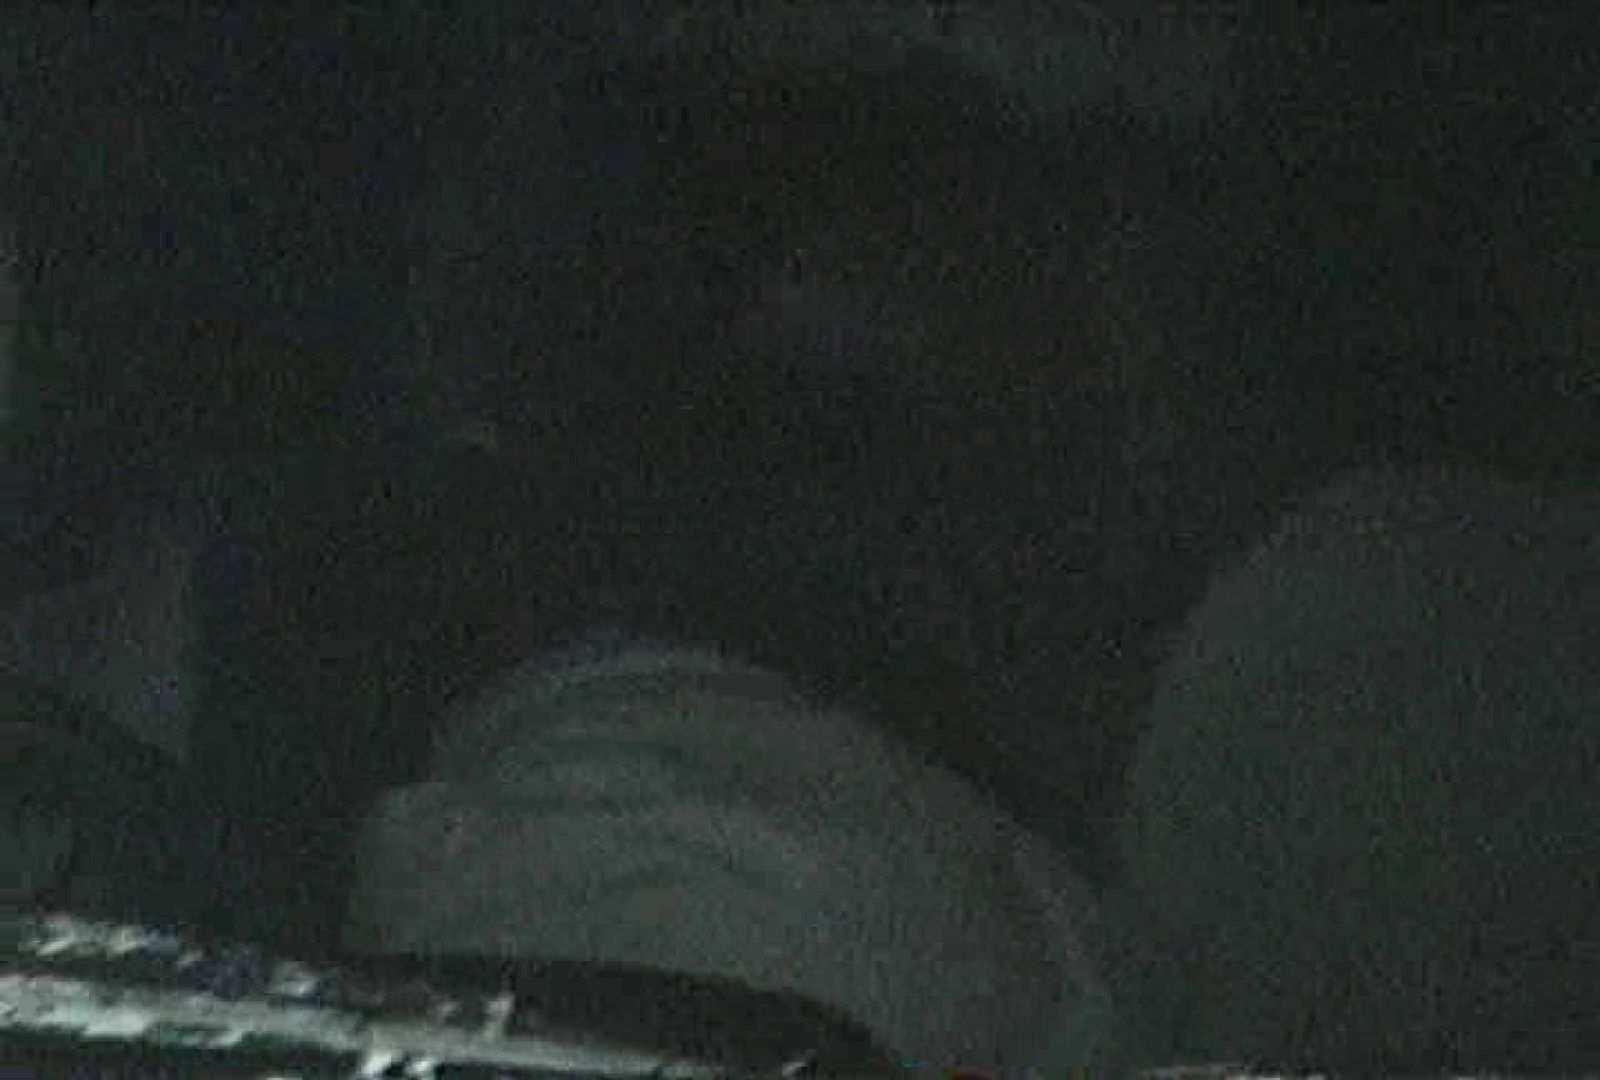 充血監督の深夜の運動会Vol.87 マンコ無修正 | OLセックス  93画像 53